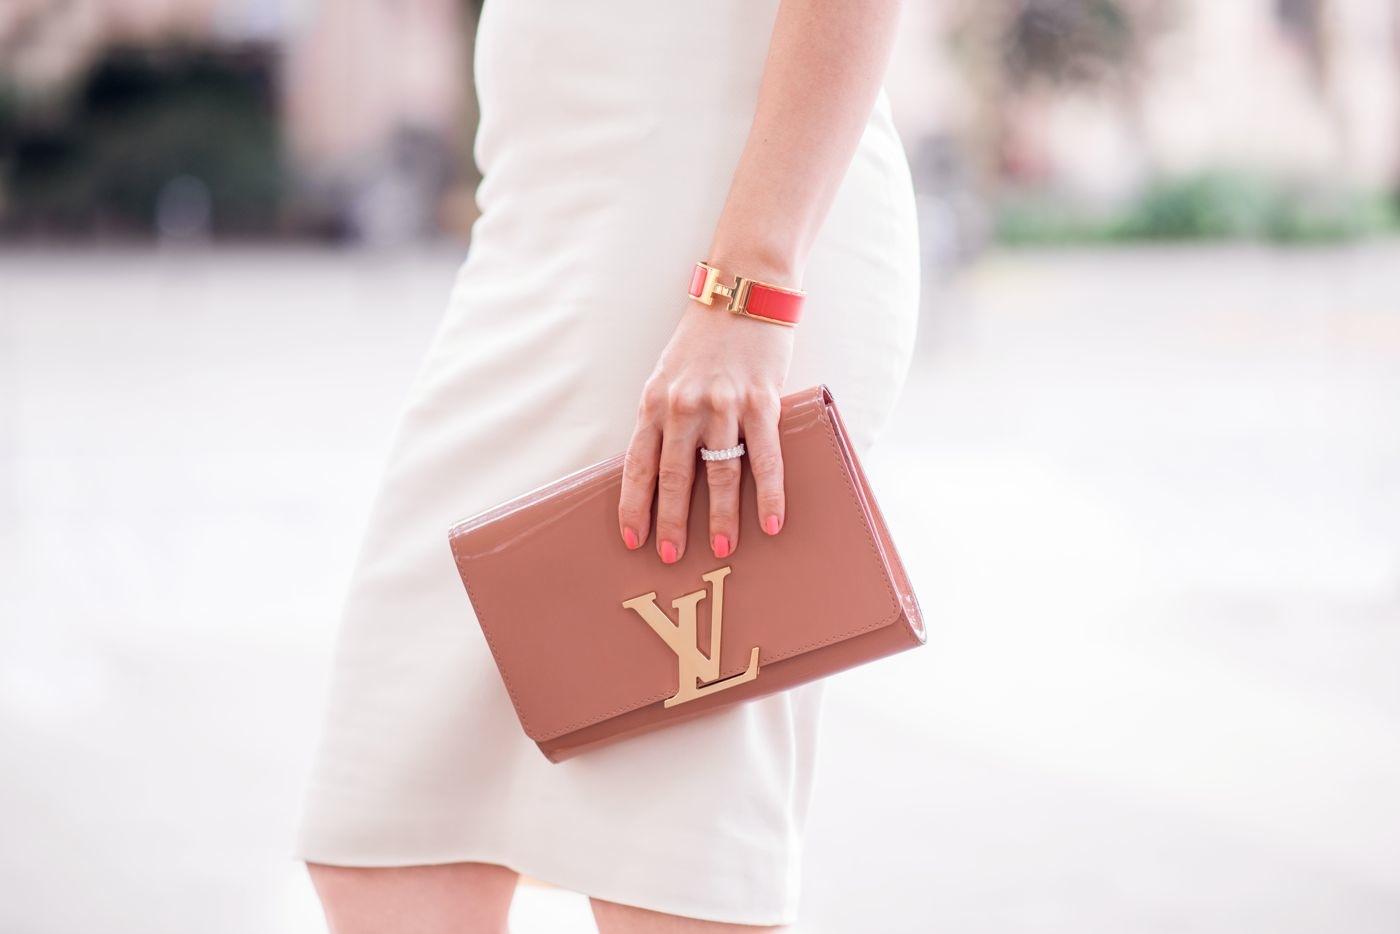 le-vernis-logo-clutch-mini-DSC_2699